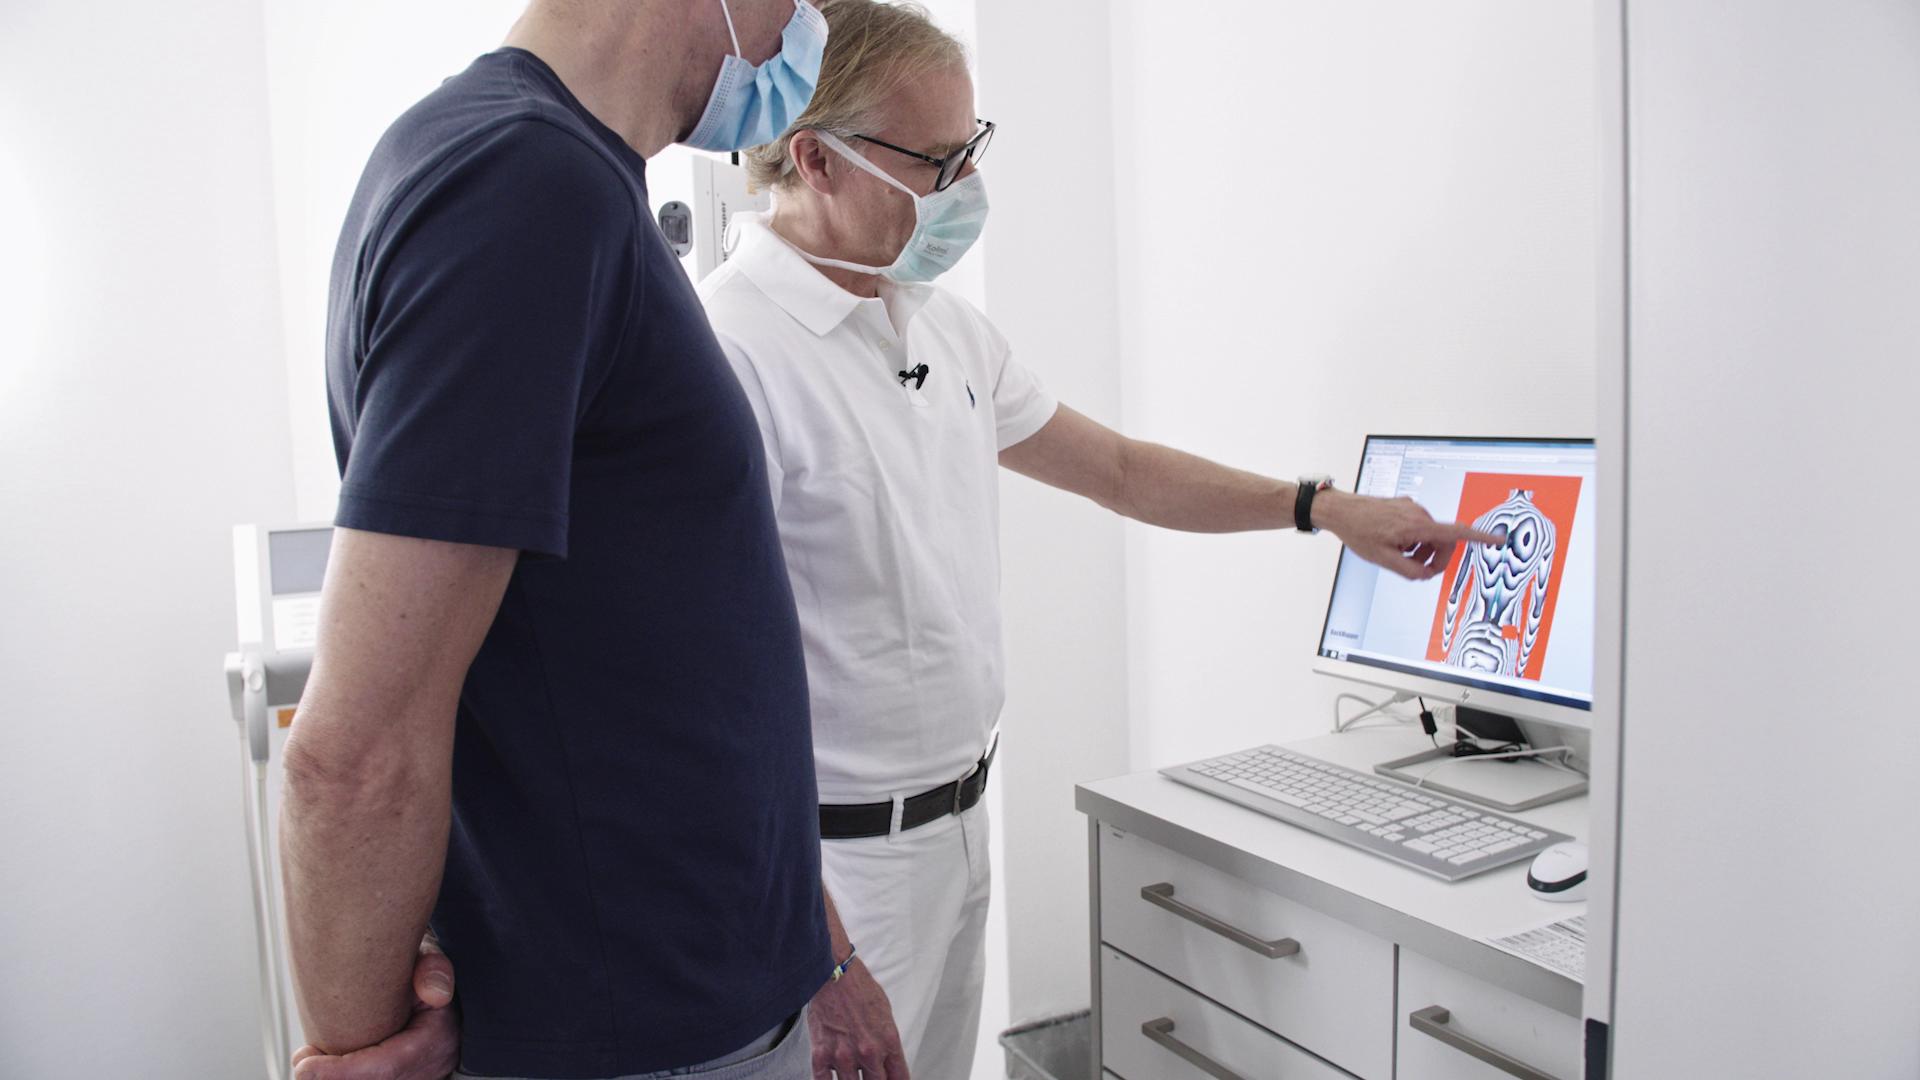 3D-Wirbelsäulenstativermessung im Rahmen der Funkionsdiagnostik